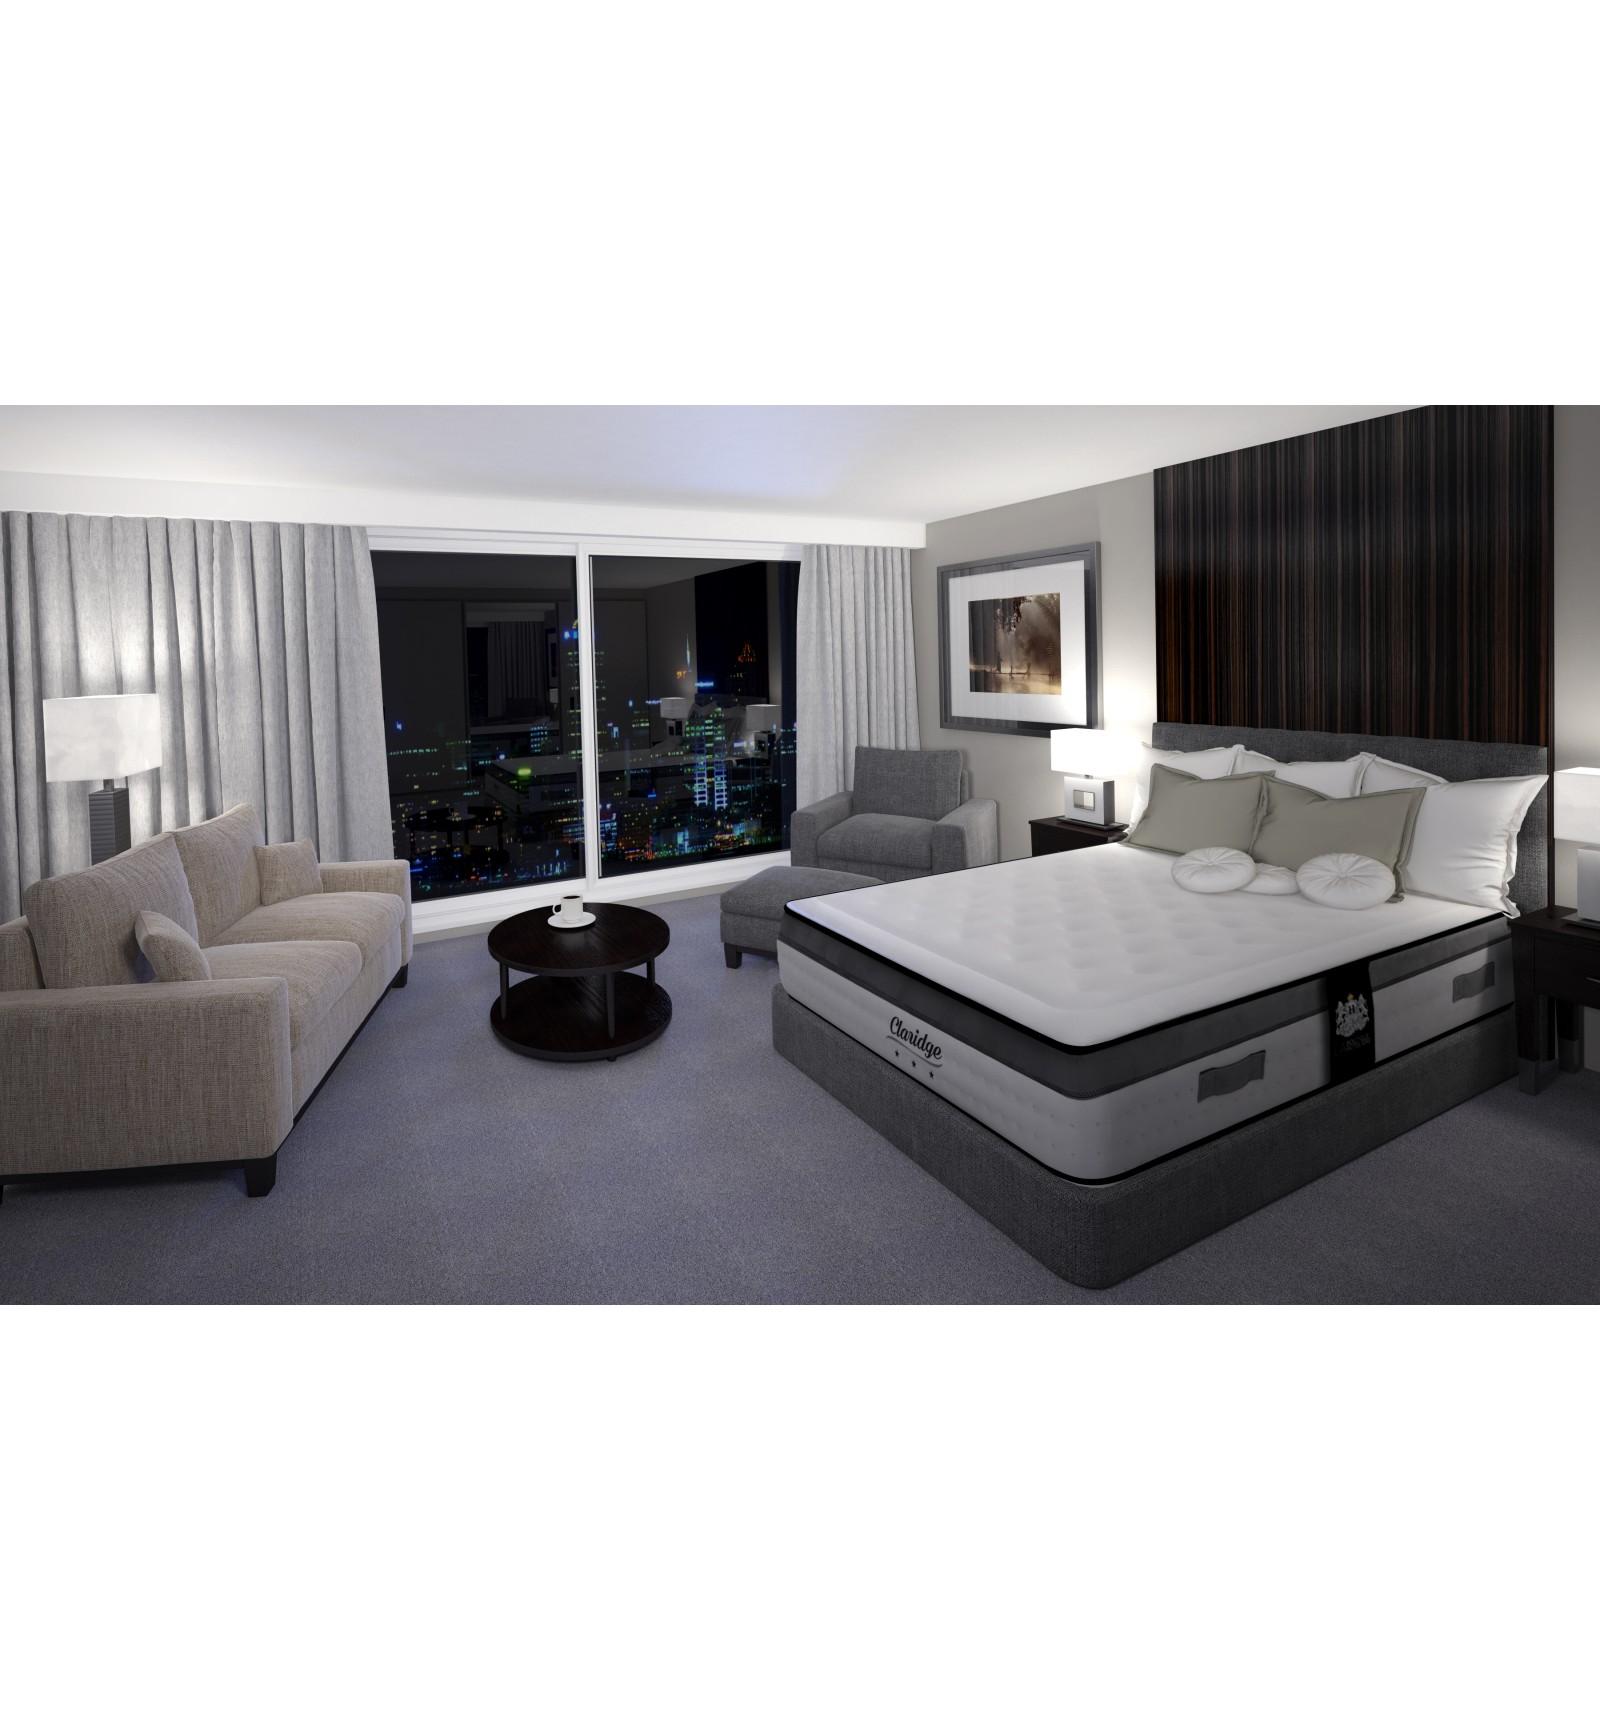 literie boutique hotel latest nouveau sommier et matelas x sommier a latte x parfait literie. Black Bedroom Furniture Sets. Home Design Ideas